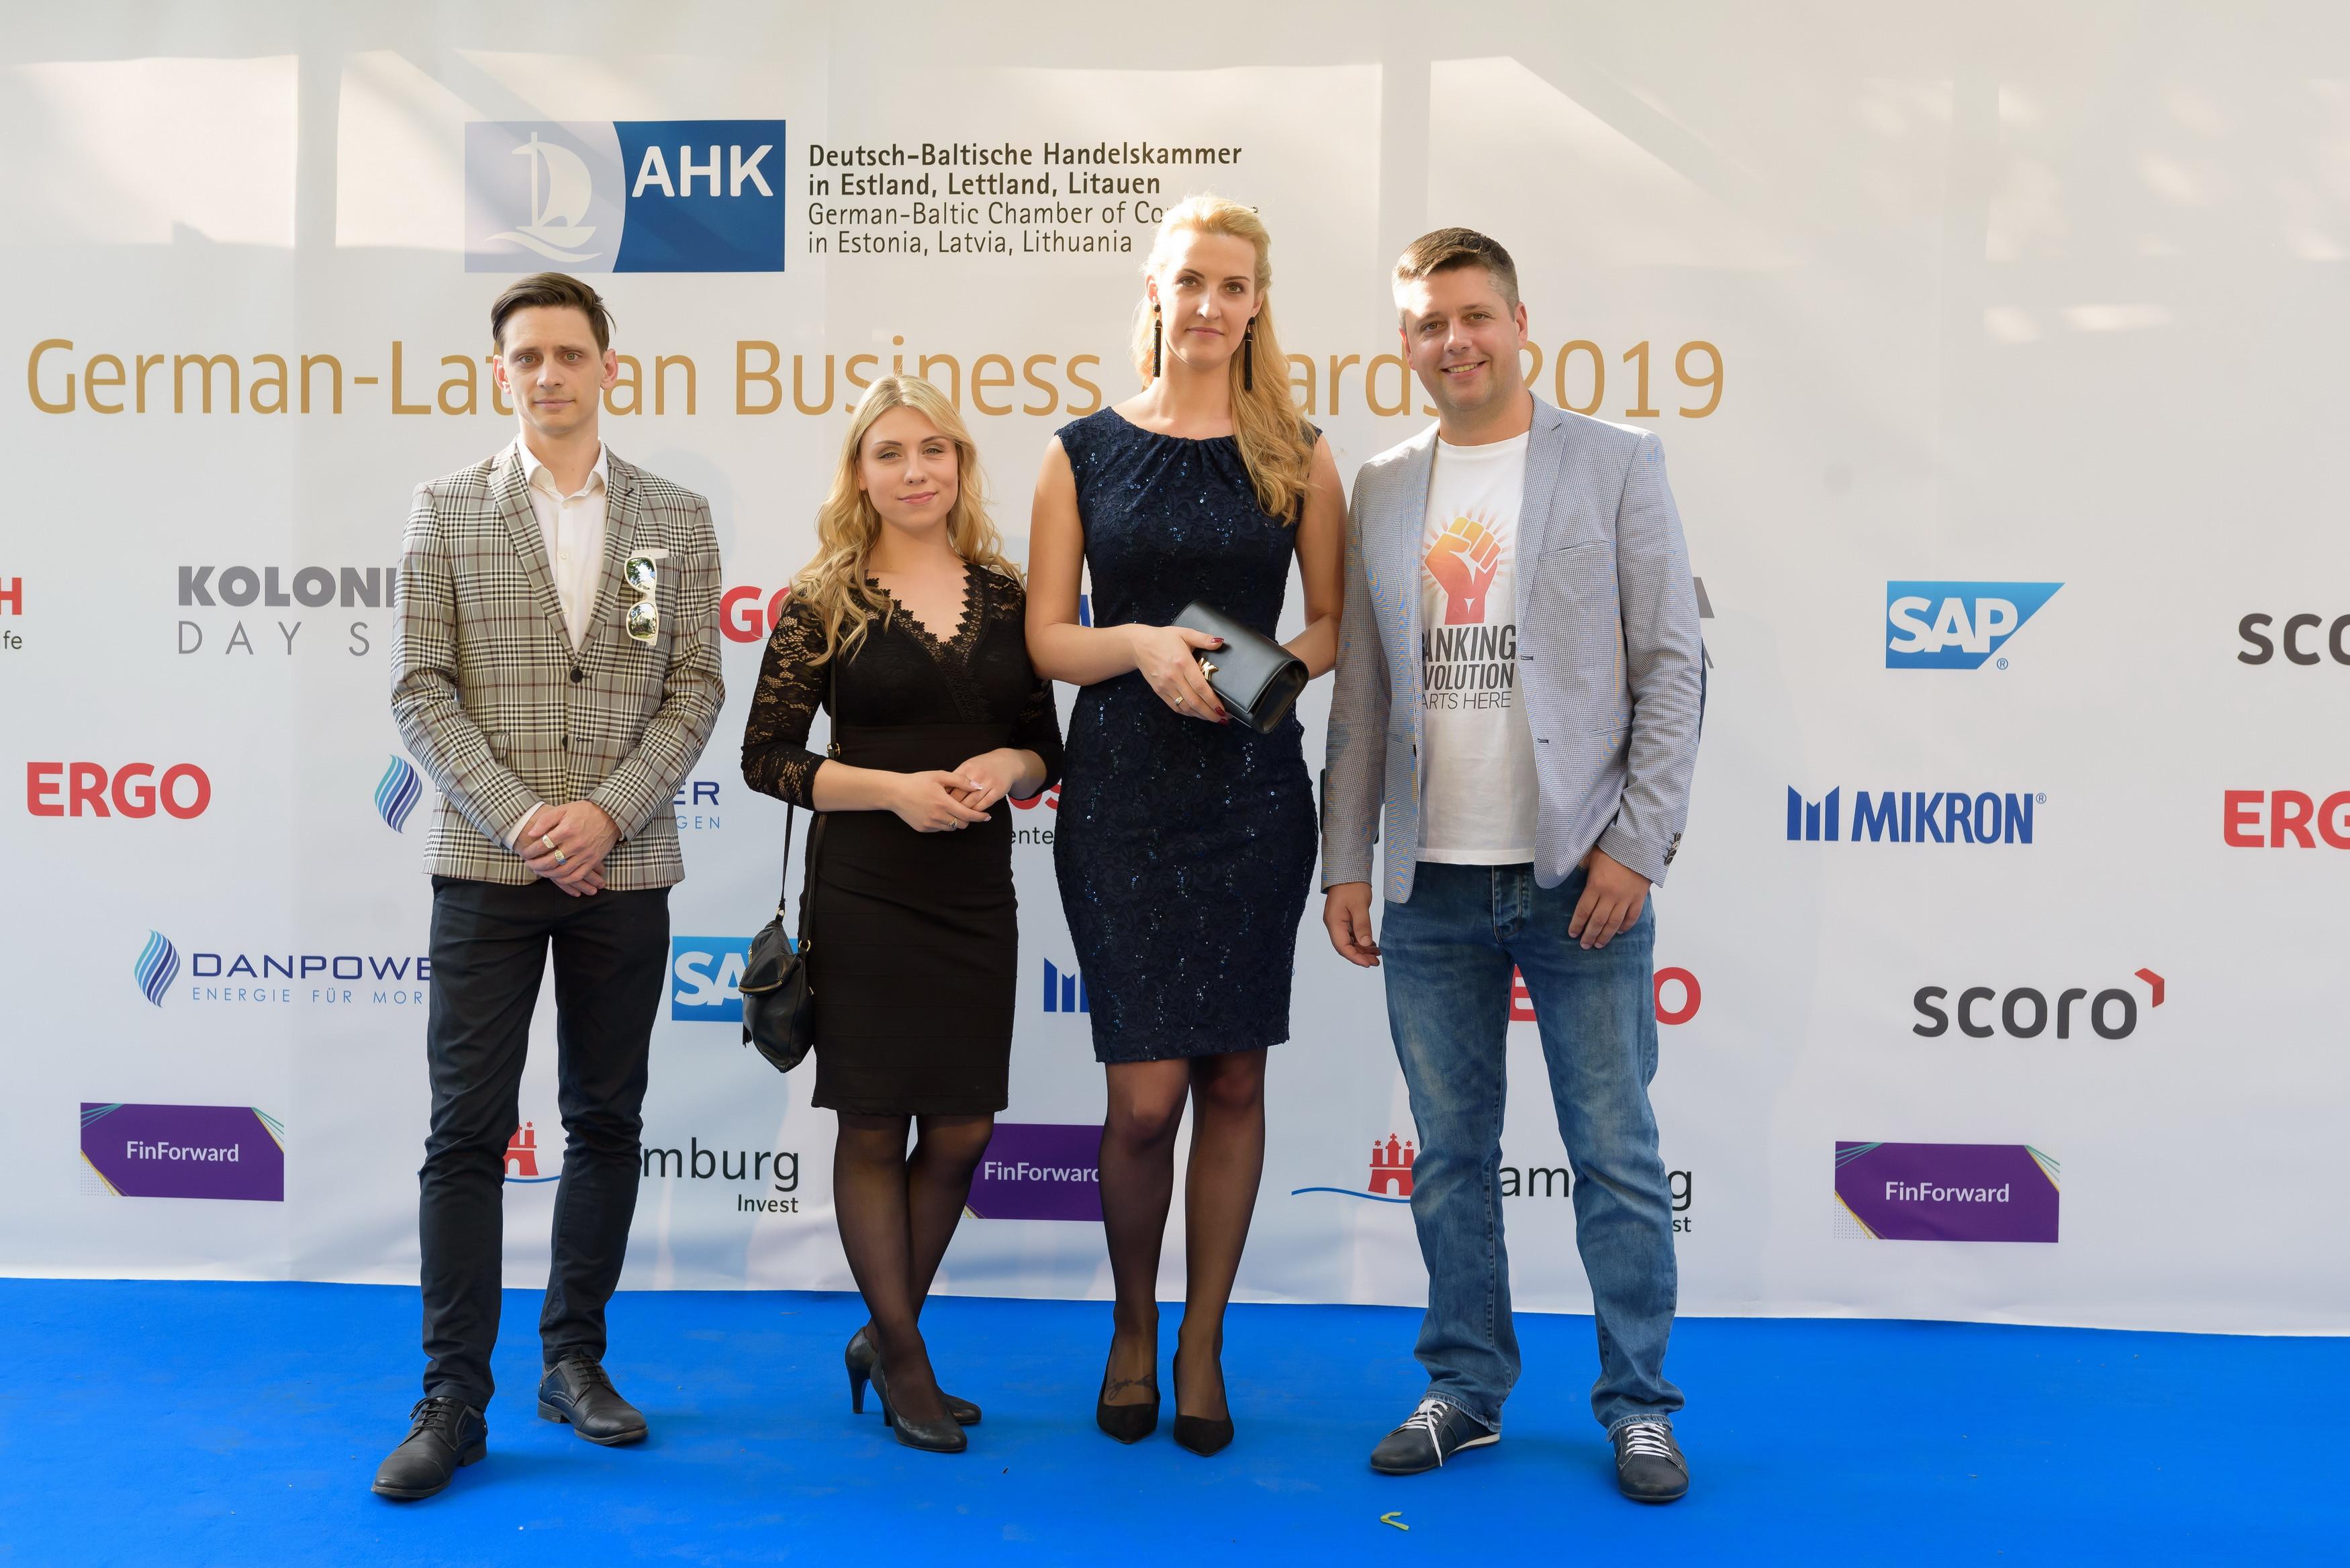 german-baltic-business-awards-uxda